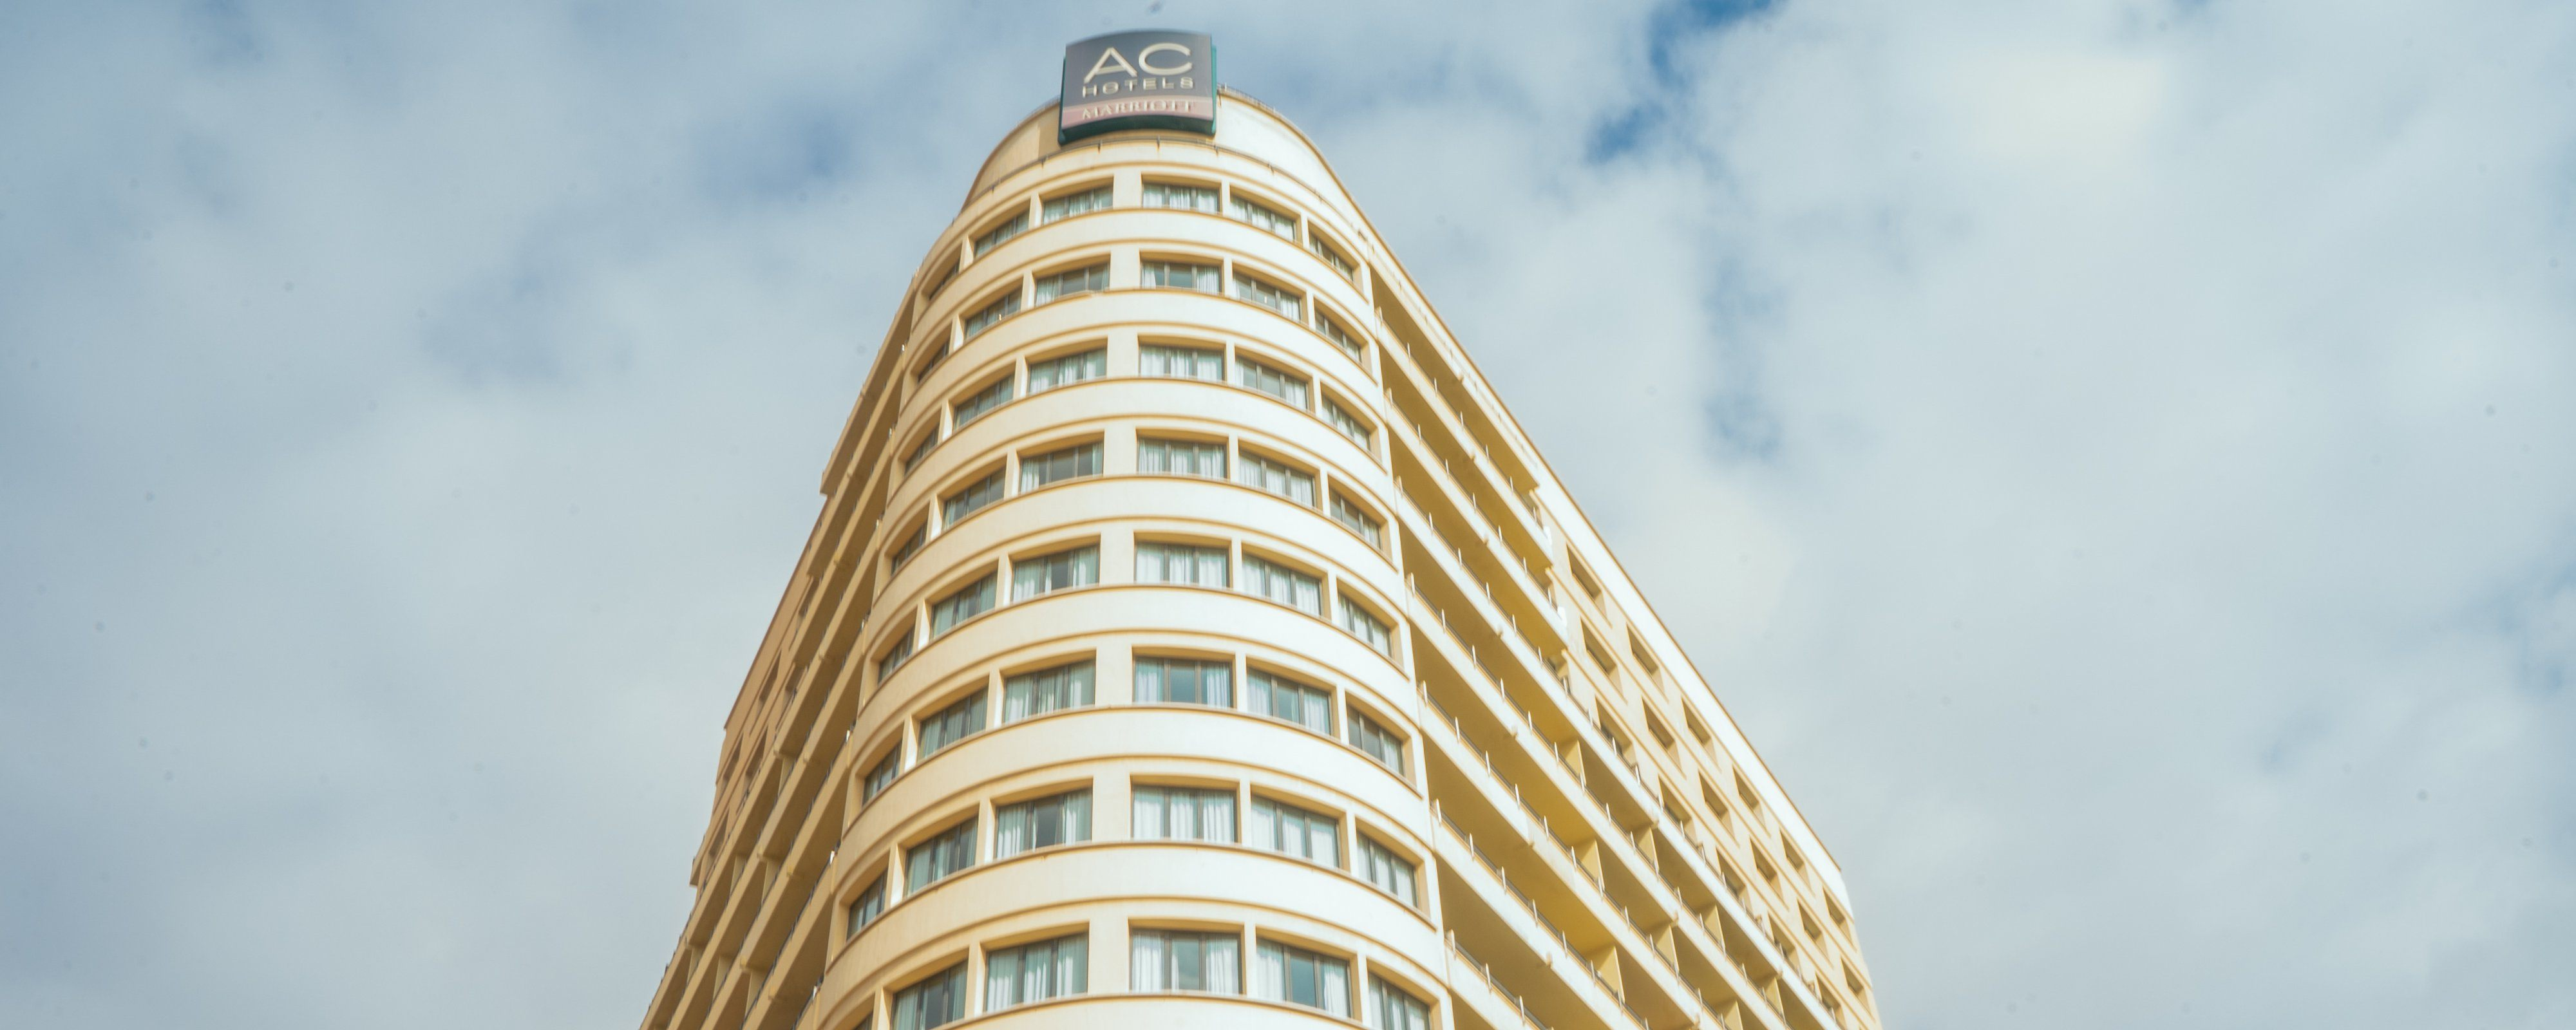 Lit Sol Bebe De Luxe Hotels In Malaga